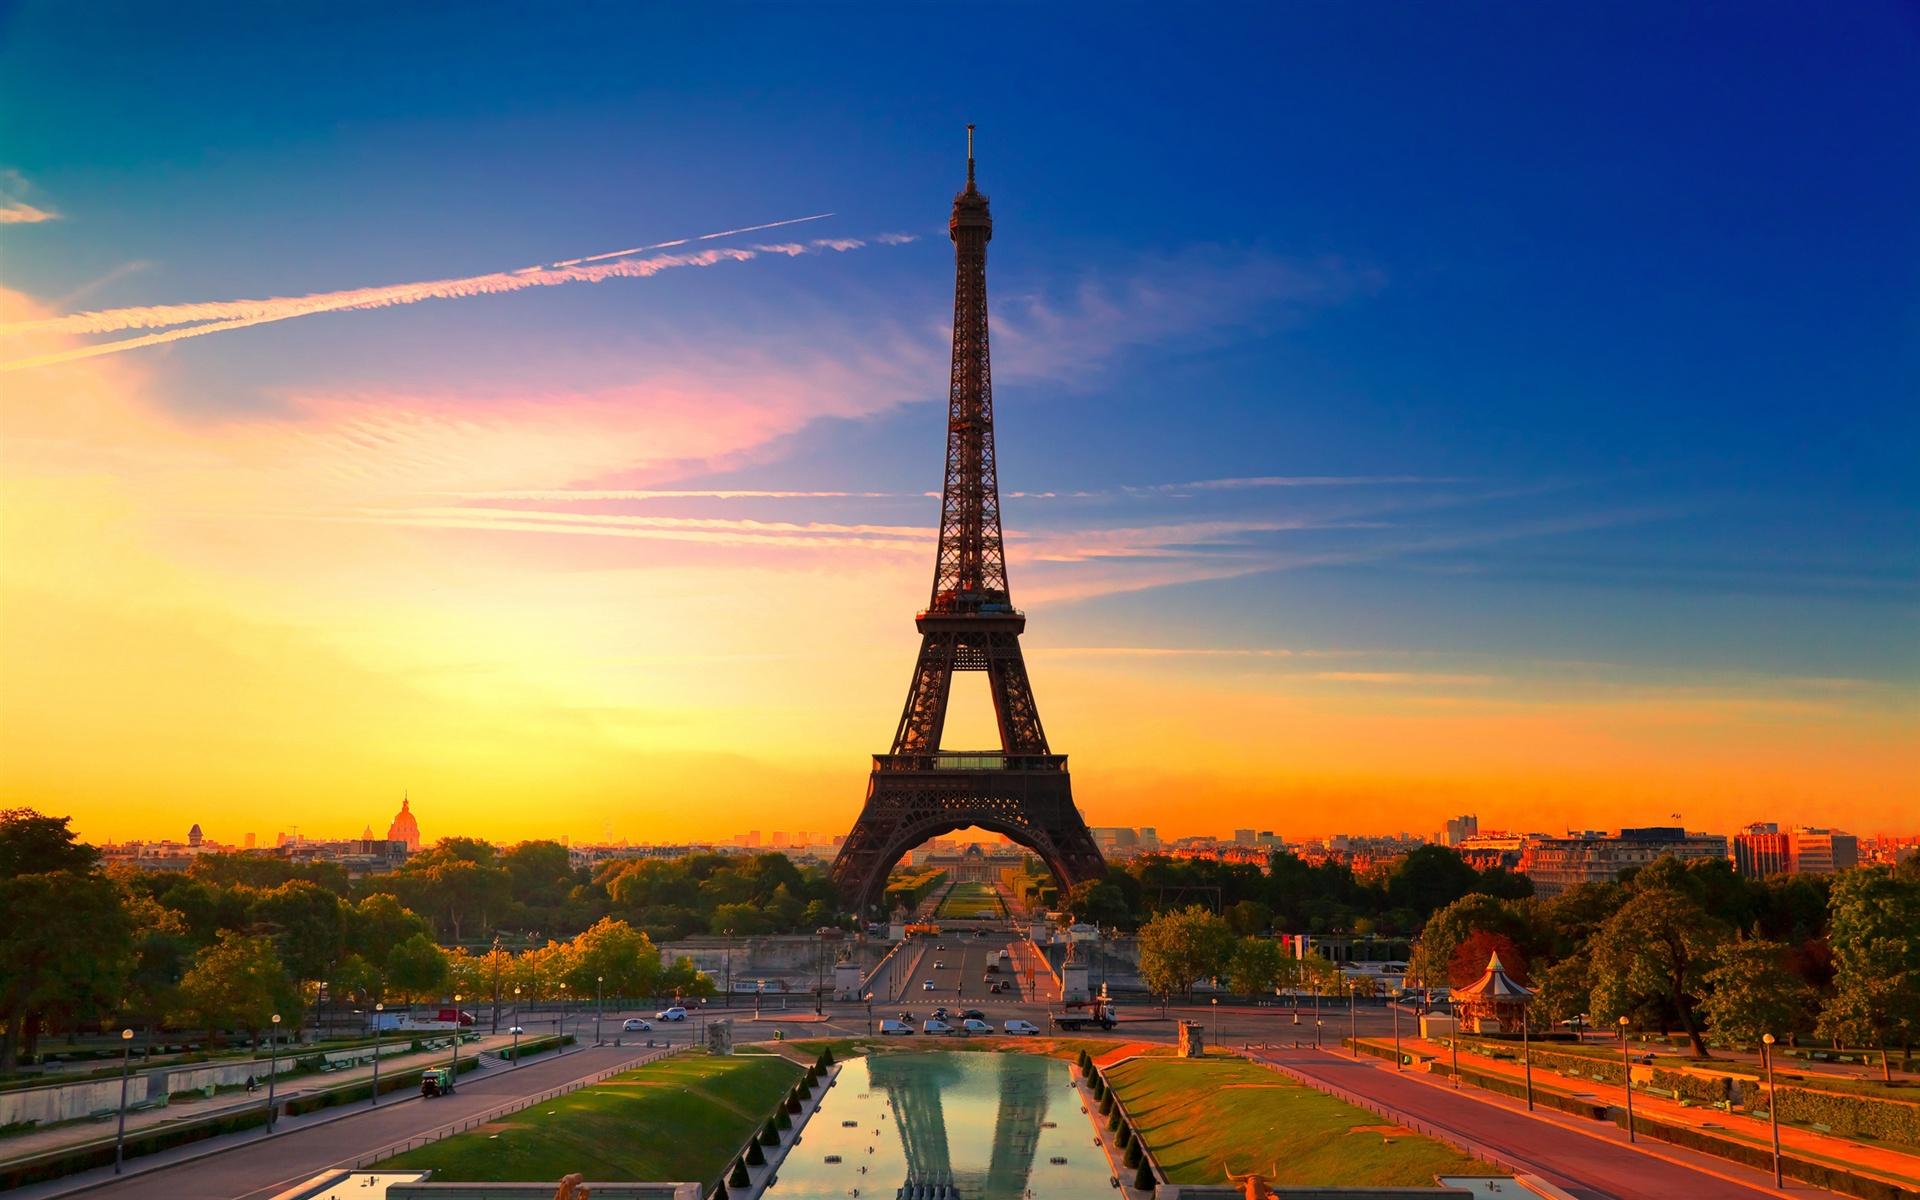 法国巴黎市,艾菲尔铁塔 壁纸